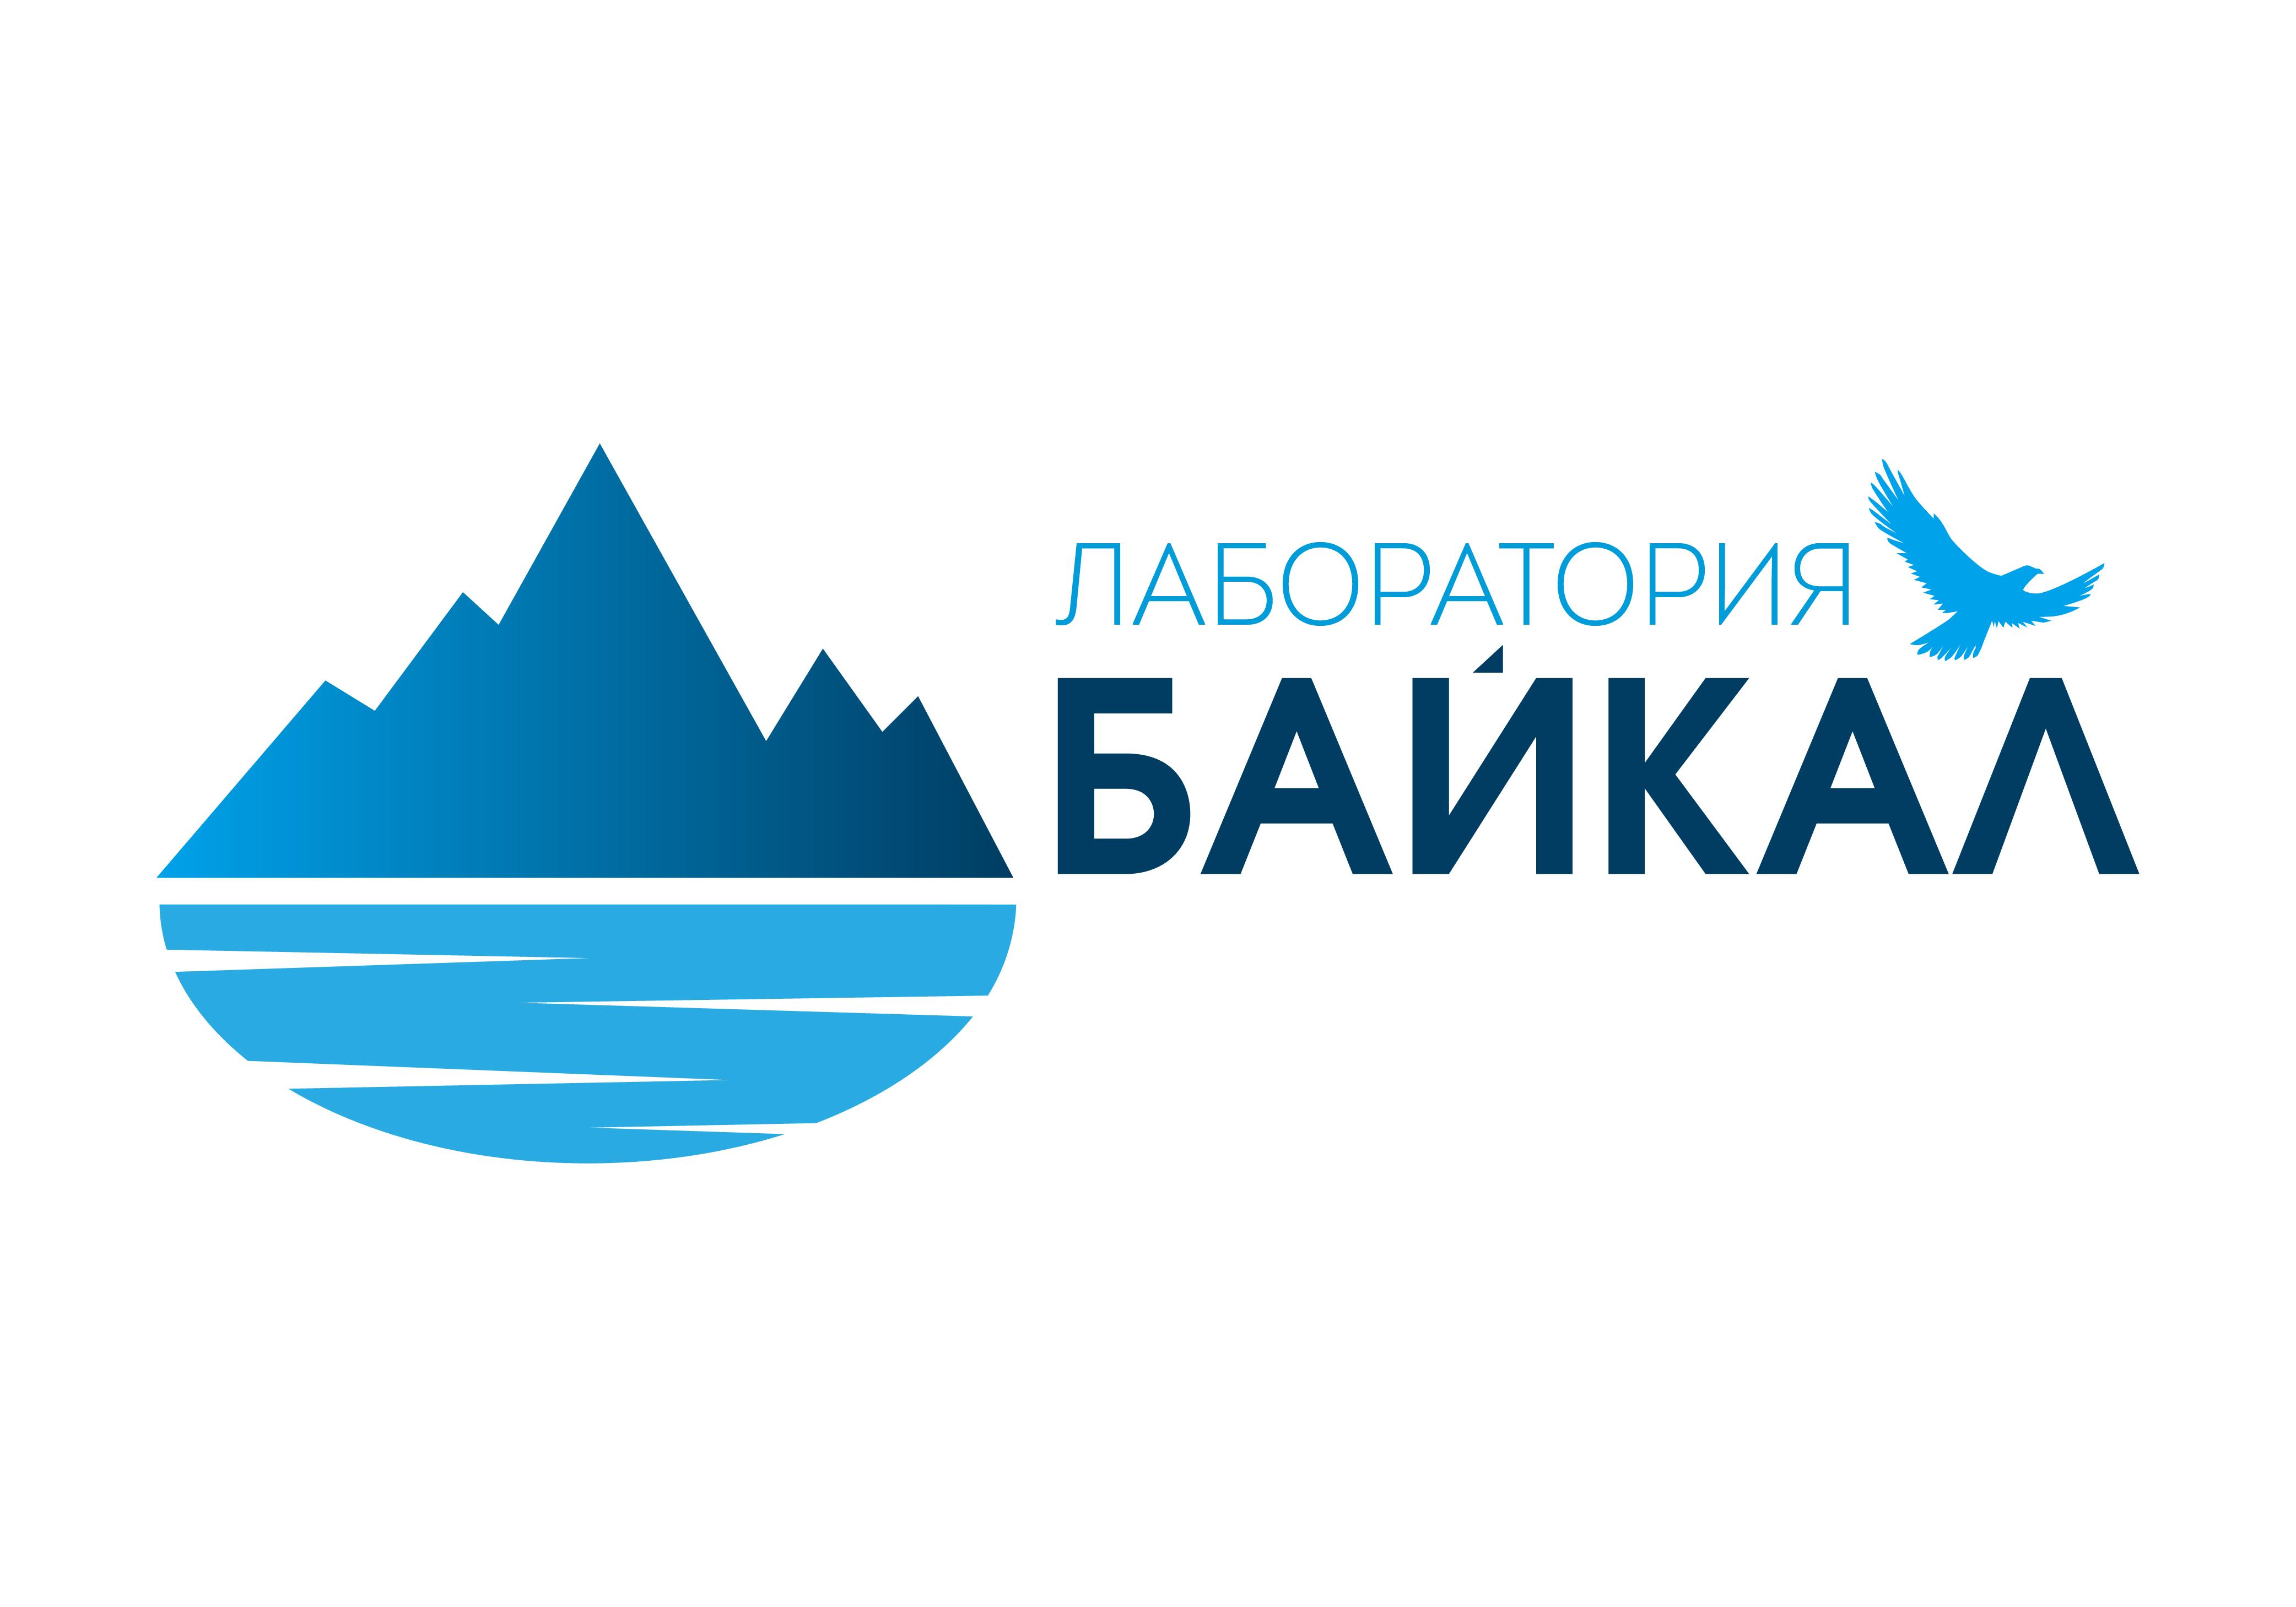 Разработка логотипа торговой марки фото f_018596a82fa9ec8a.jpg